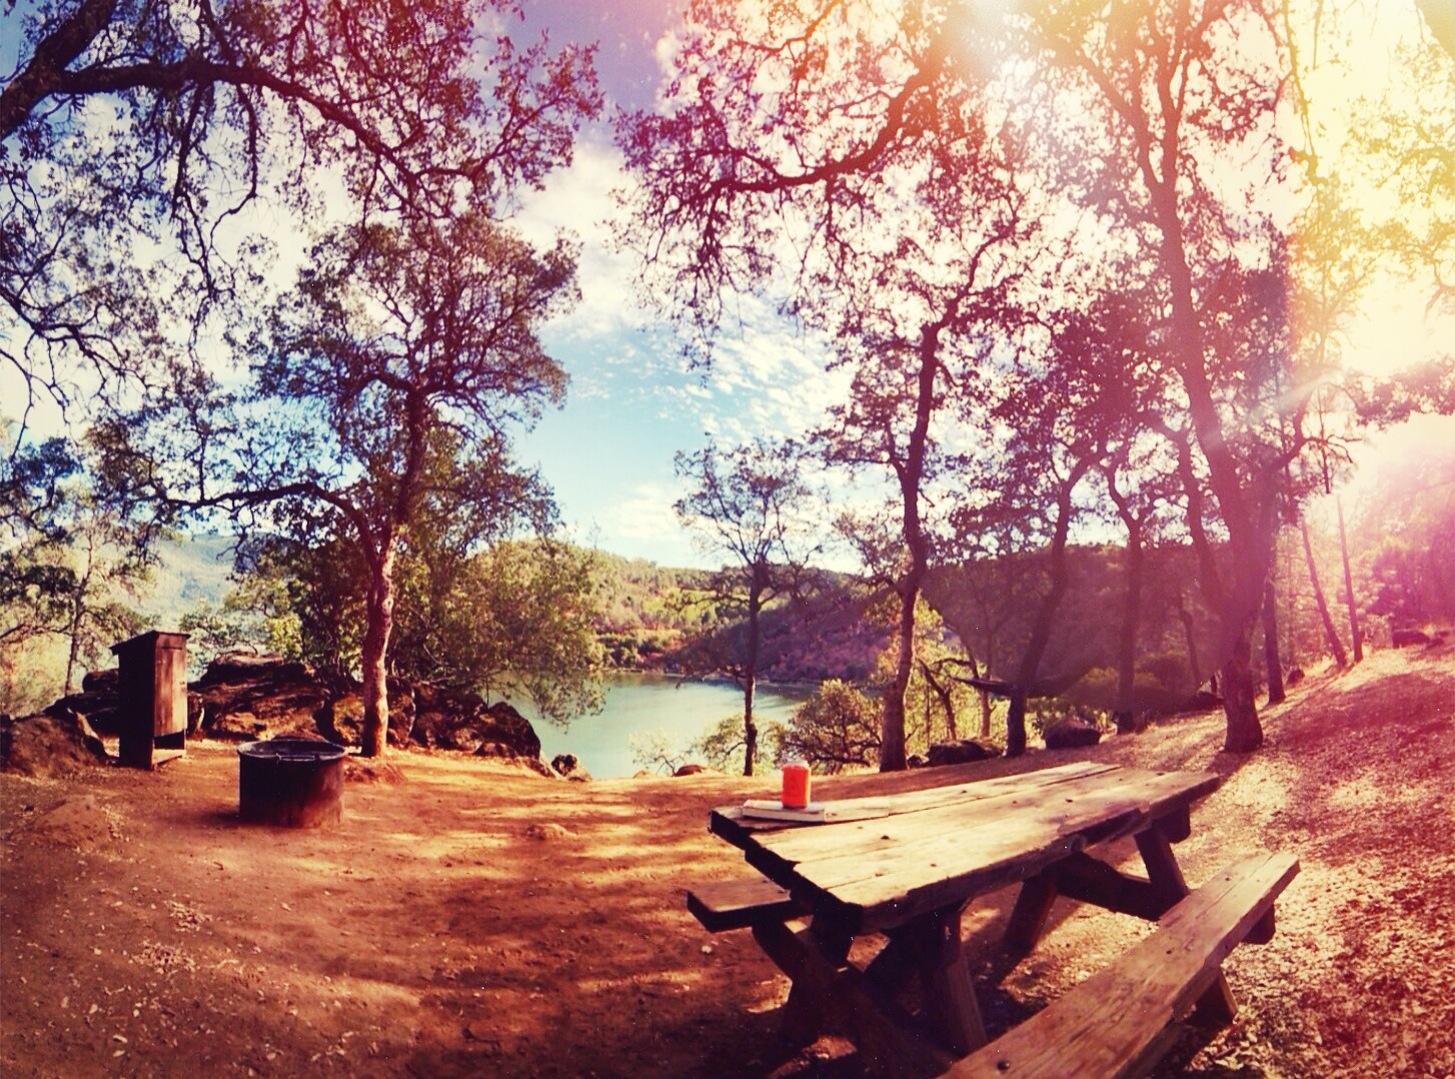 Camping at Clearlake